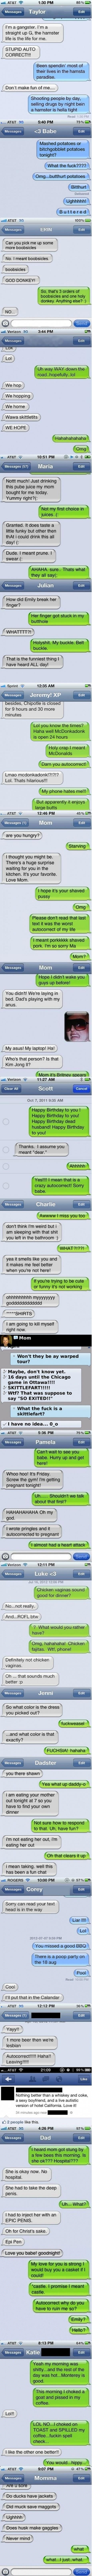 OMG IM DYING!!!